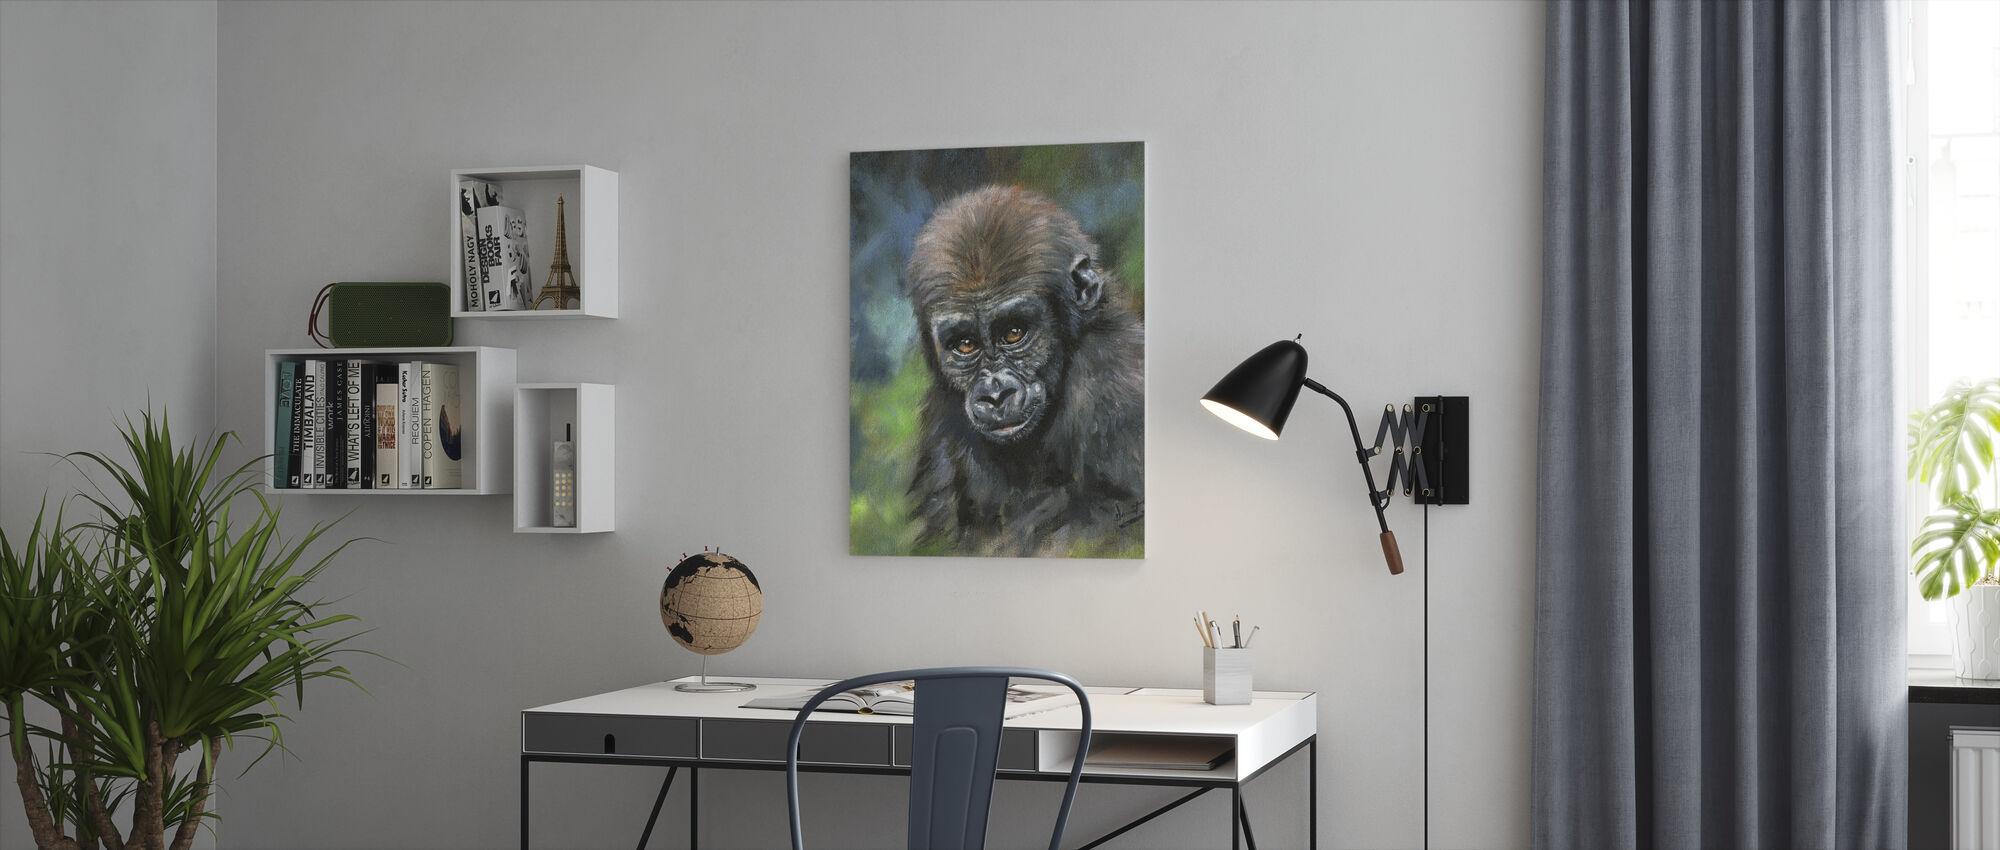 Nuori Gorilla - Canvastaulu - Toimisto